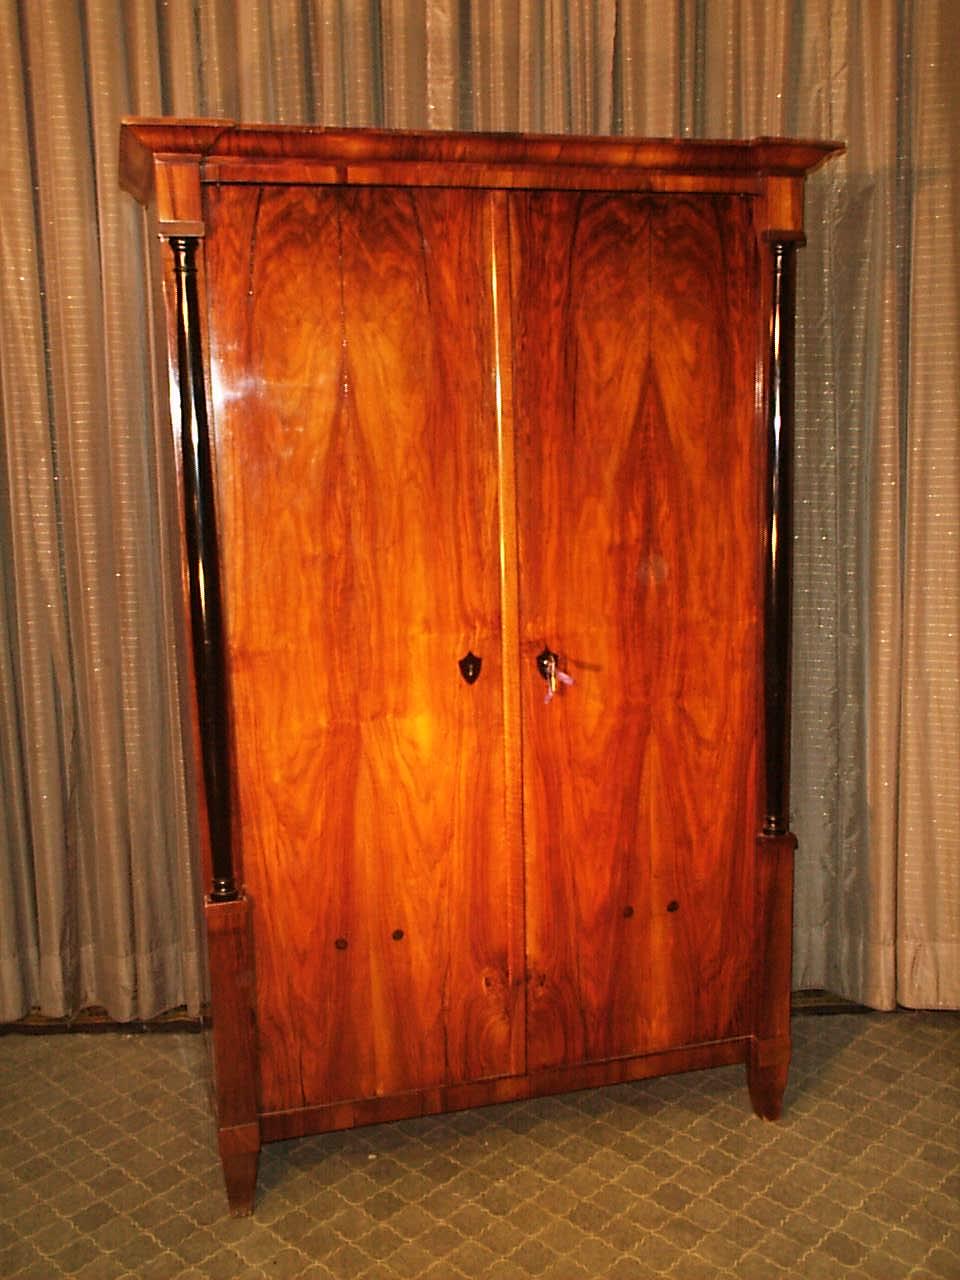 2 t riger nussbaum schrank antike m bel antiquit ten restauration bracciali m nchen. Black Bedroom Furniture Sets. Home Design Ideas